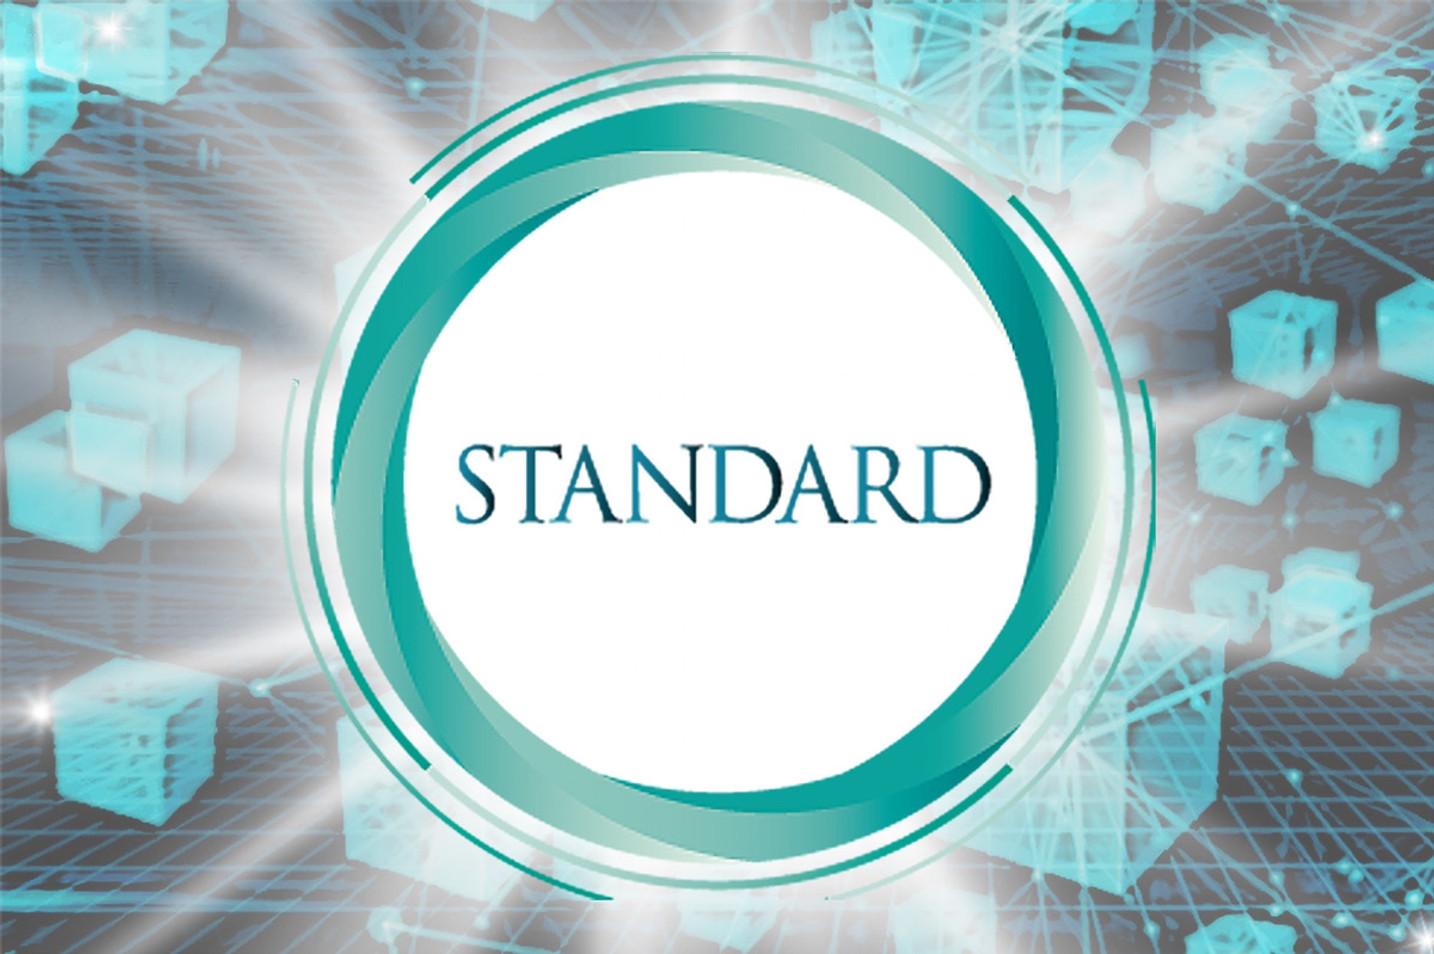 スタンダードキャピタル株式会社:日本の法規制に準拠したブロックチェーン規格の海外展開への取り組みについて